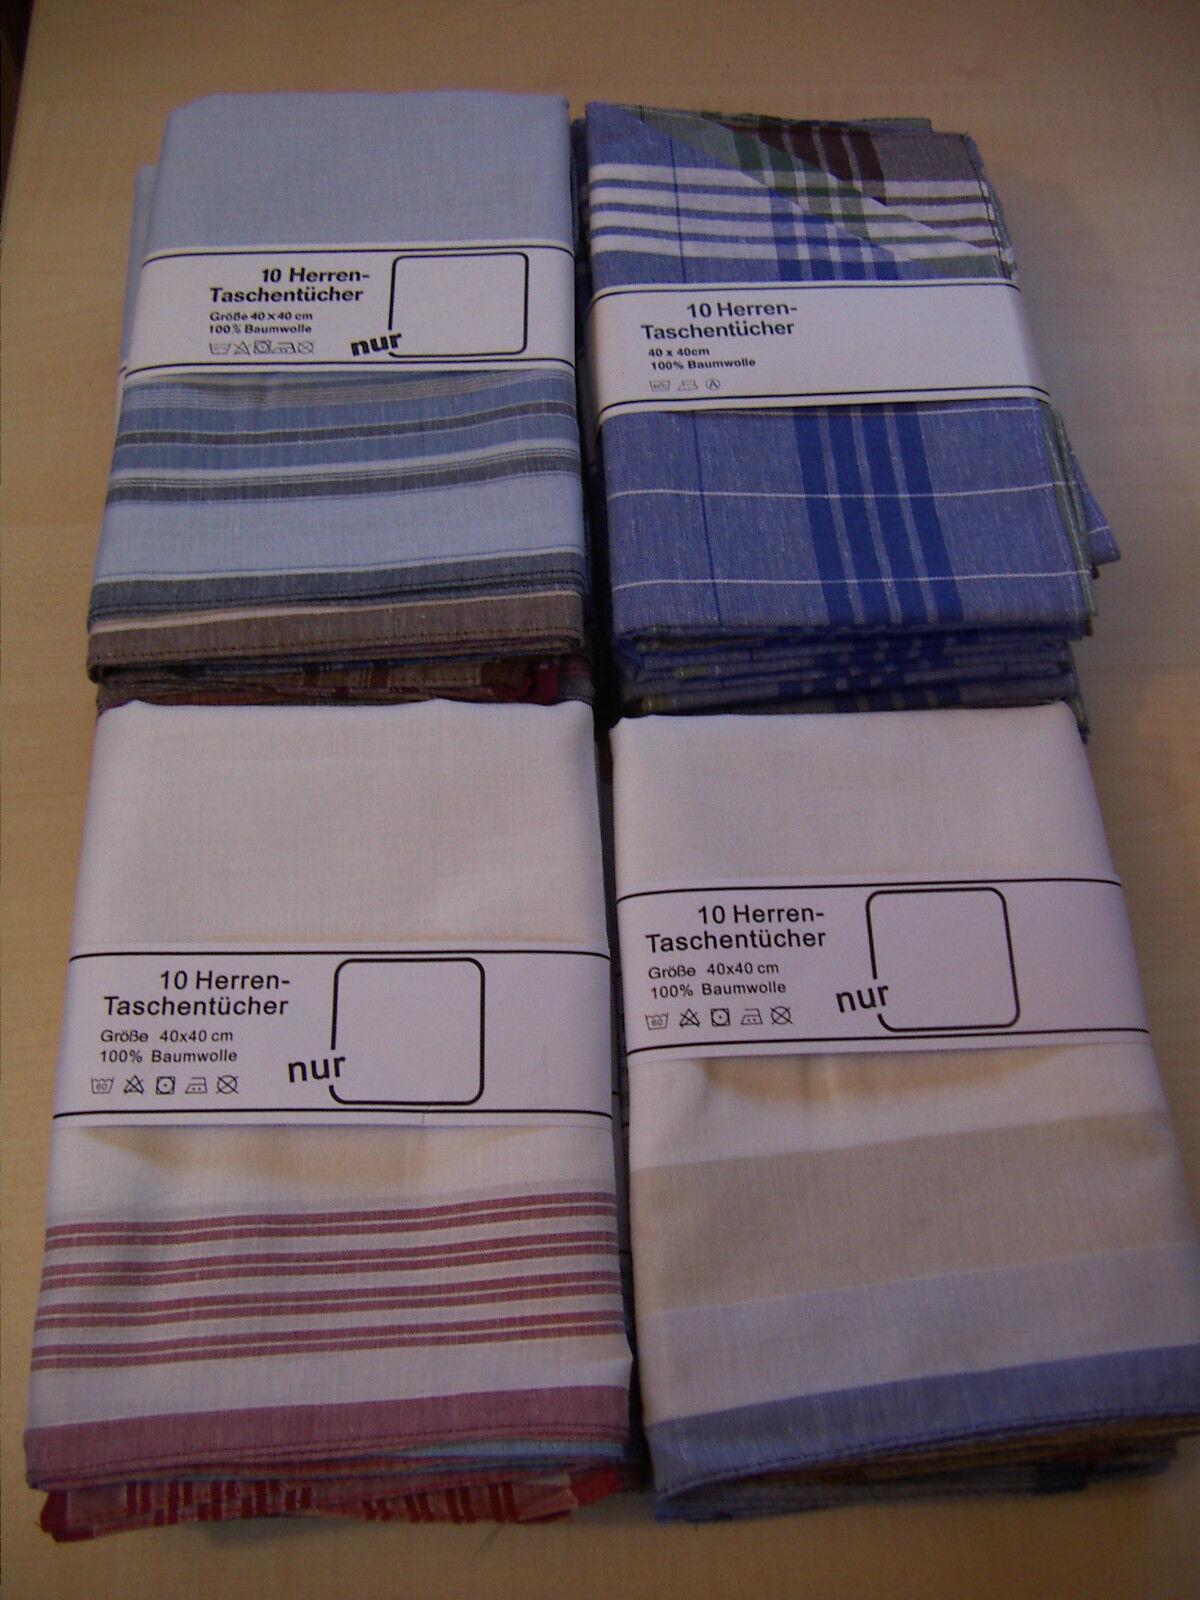 10 Herrentaschentücher / 100% Baumwolle